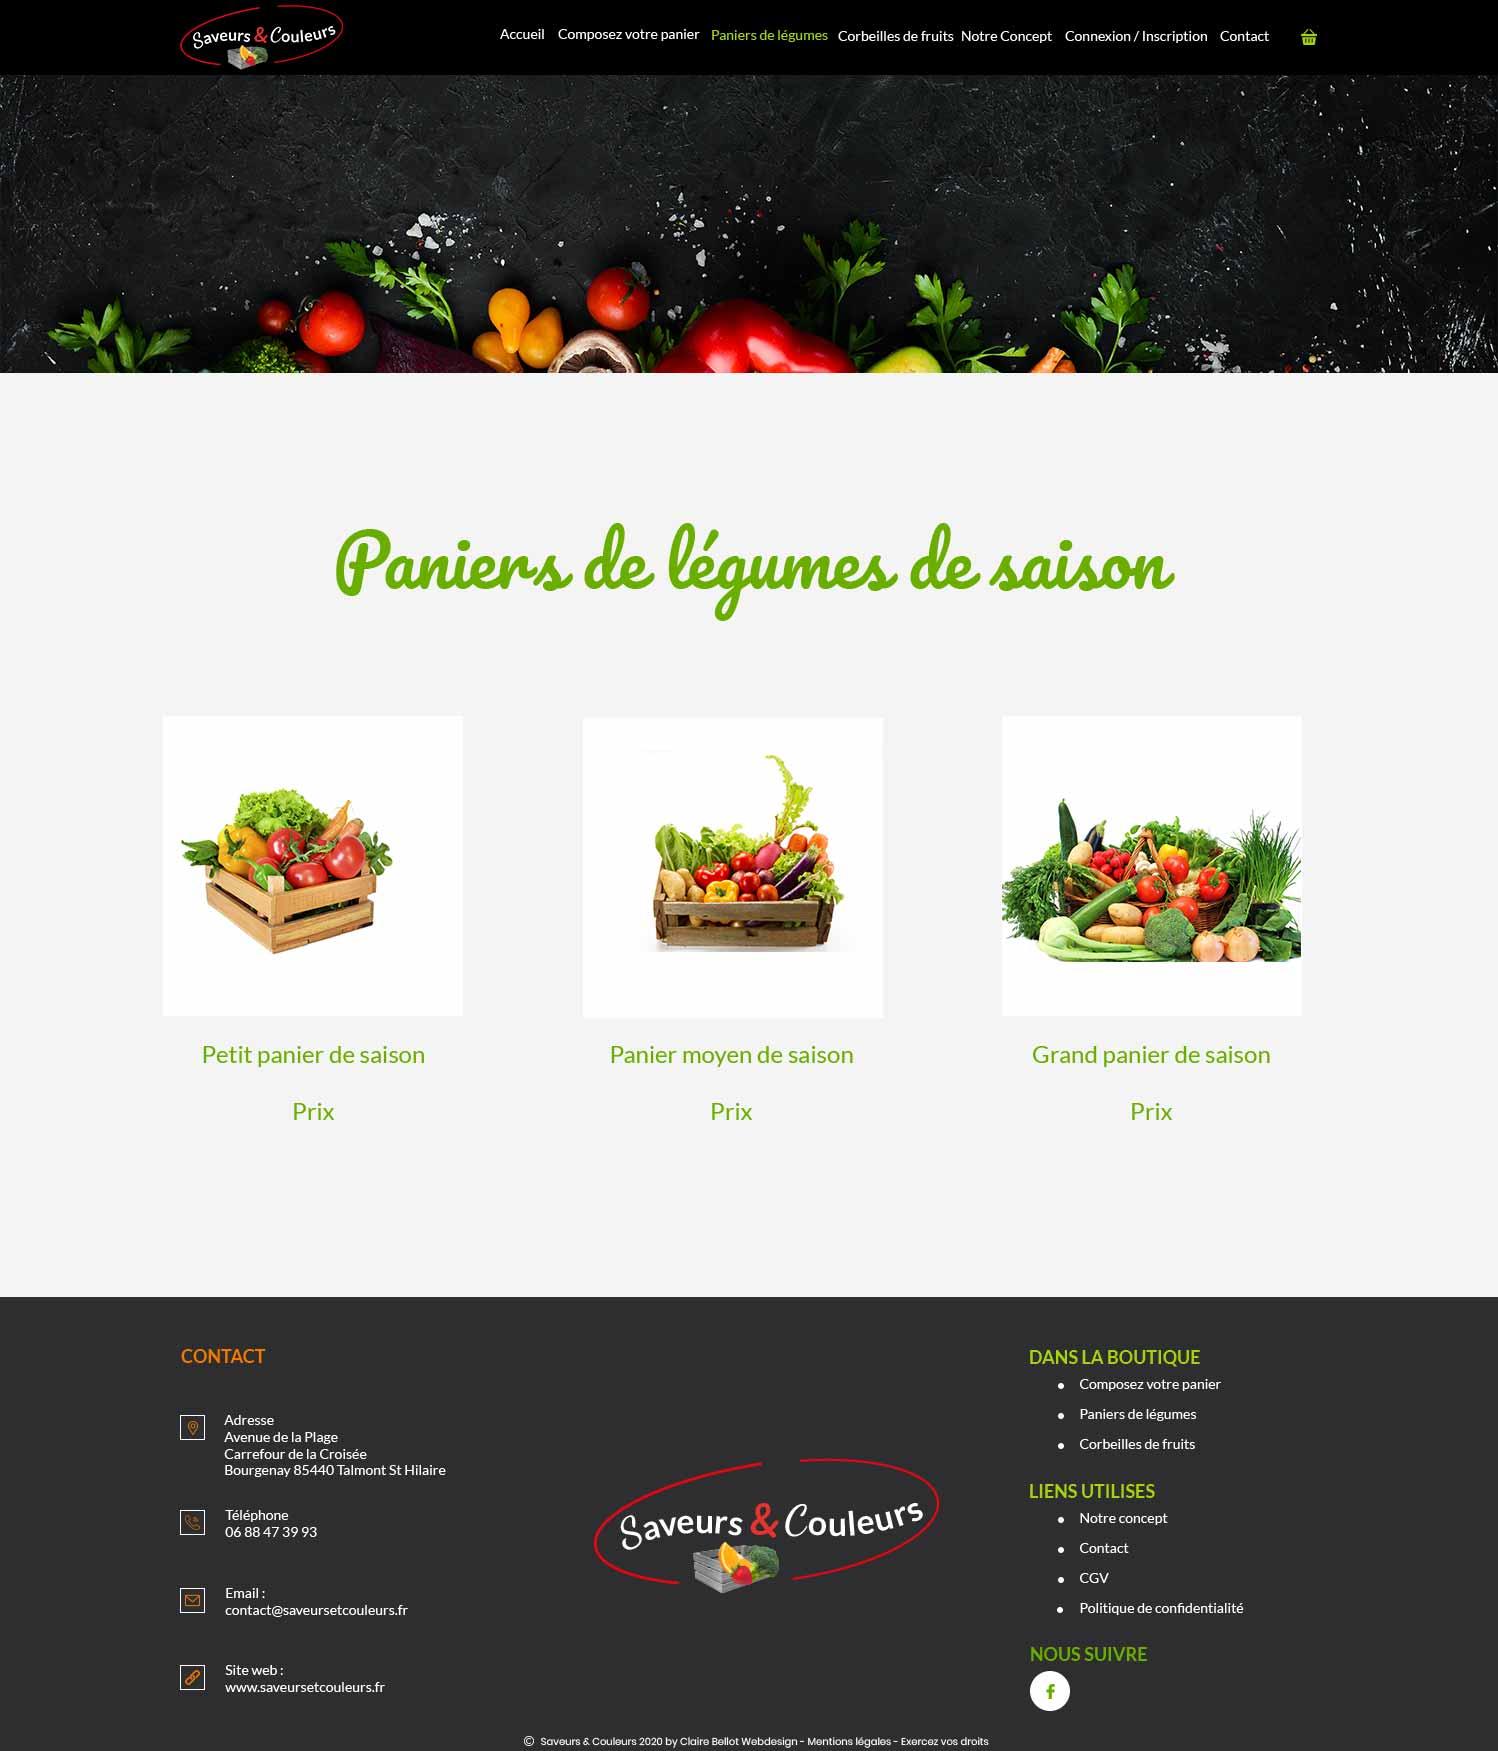 Saveurs et Couleurs page paniers de légumes création site e-commerce